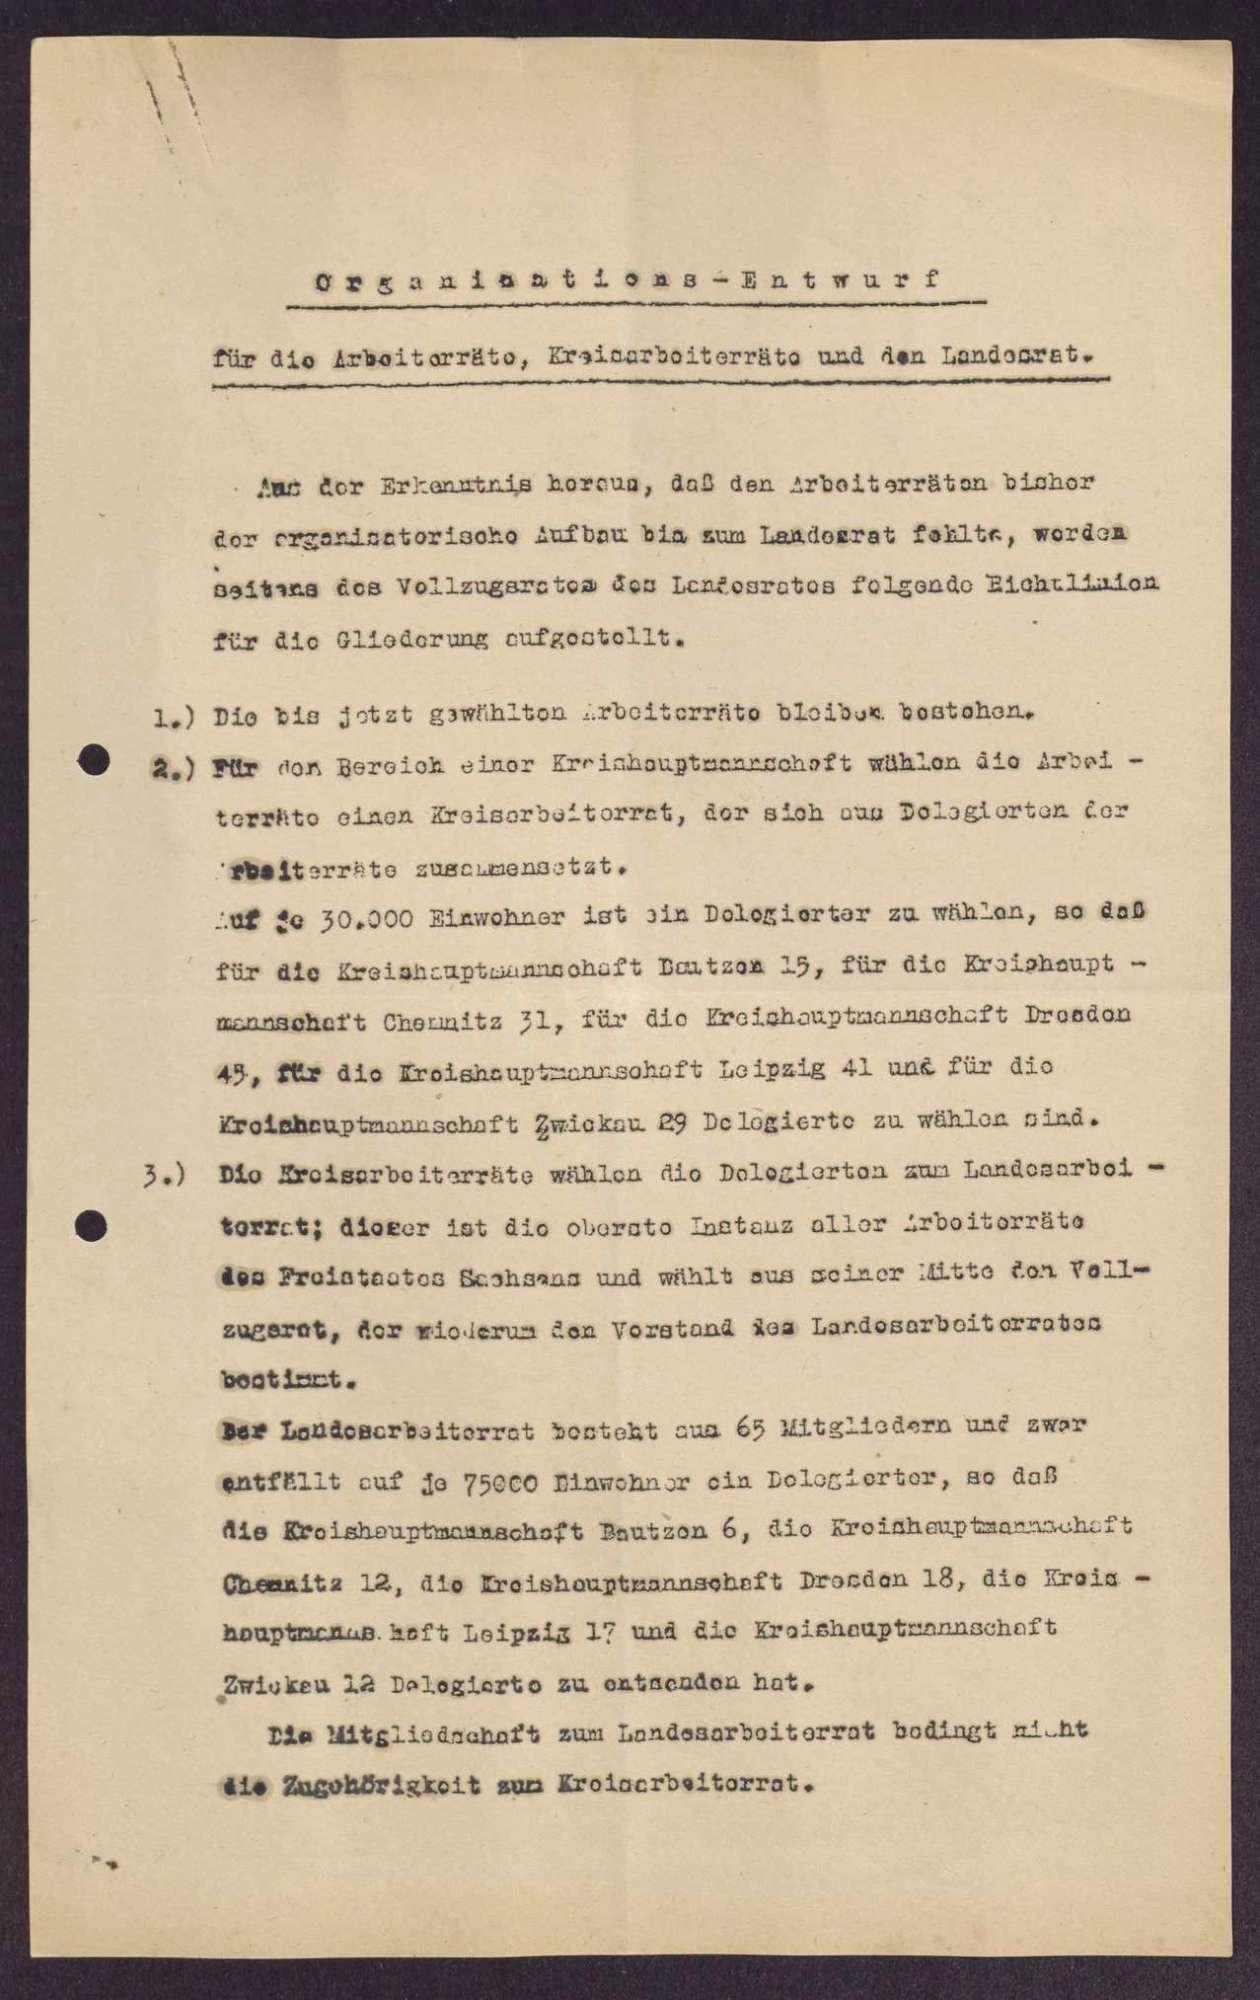 Organisationsentwurf für die Arbeiterräte, Kreisarbeiterräte und den Landessrat in Sachsen, Bild 1